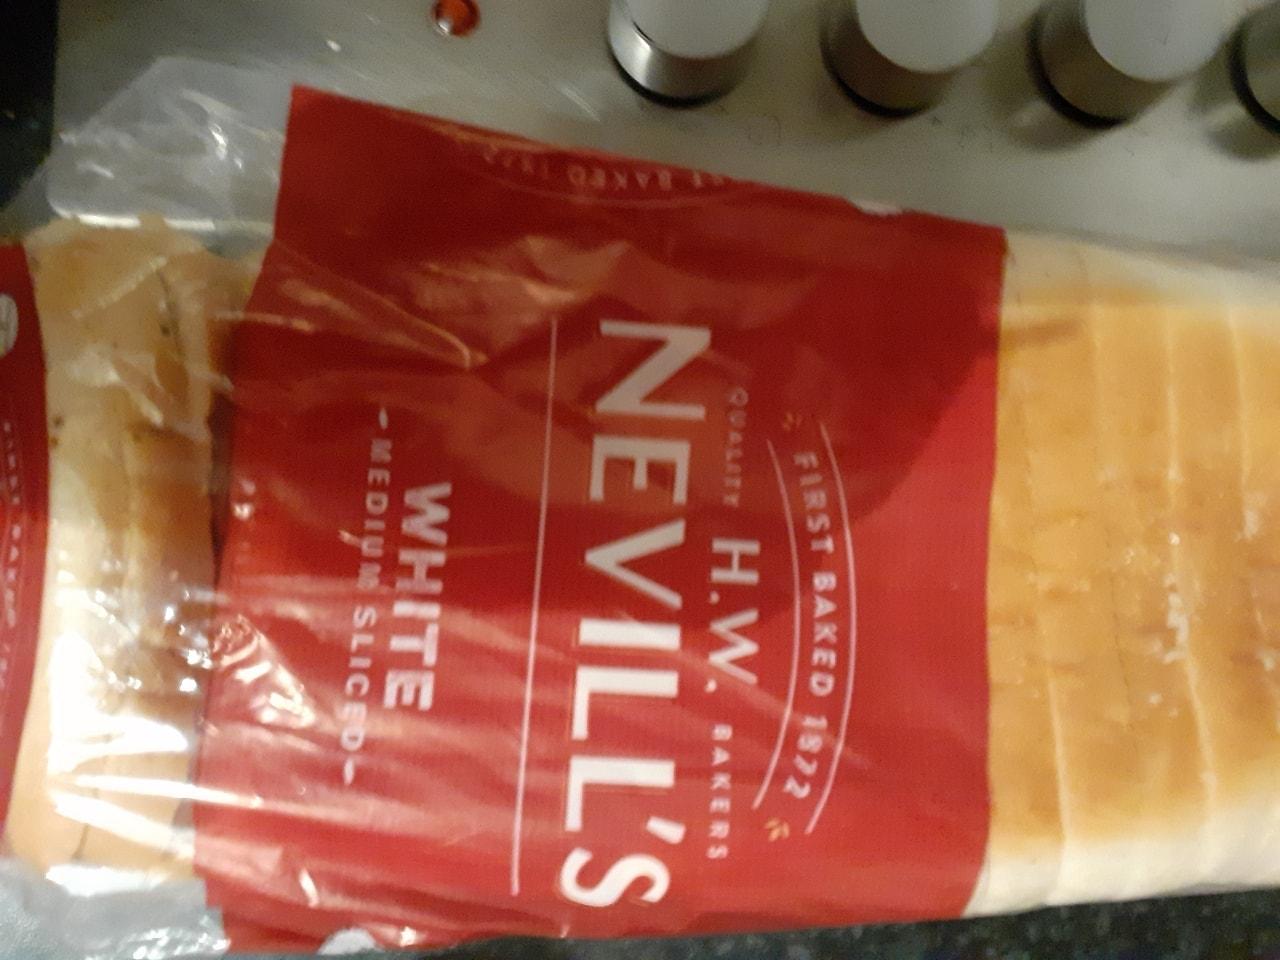 Neville's white medium sliced